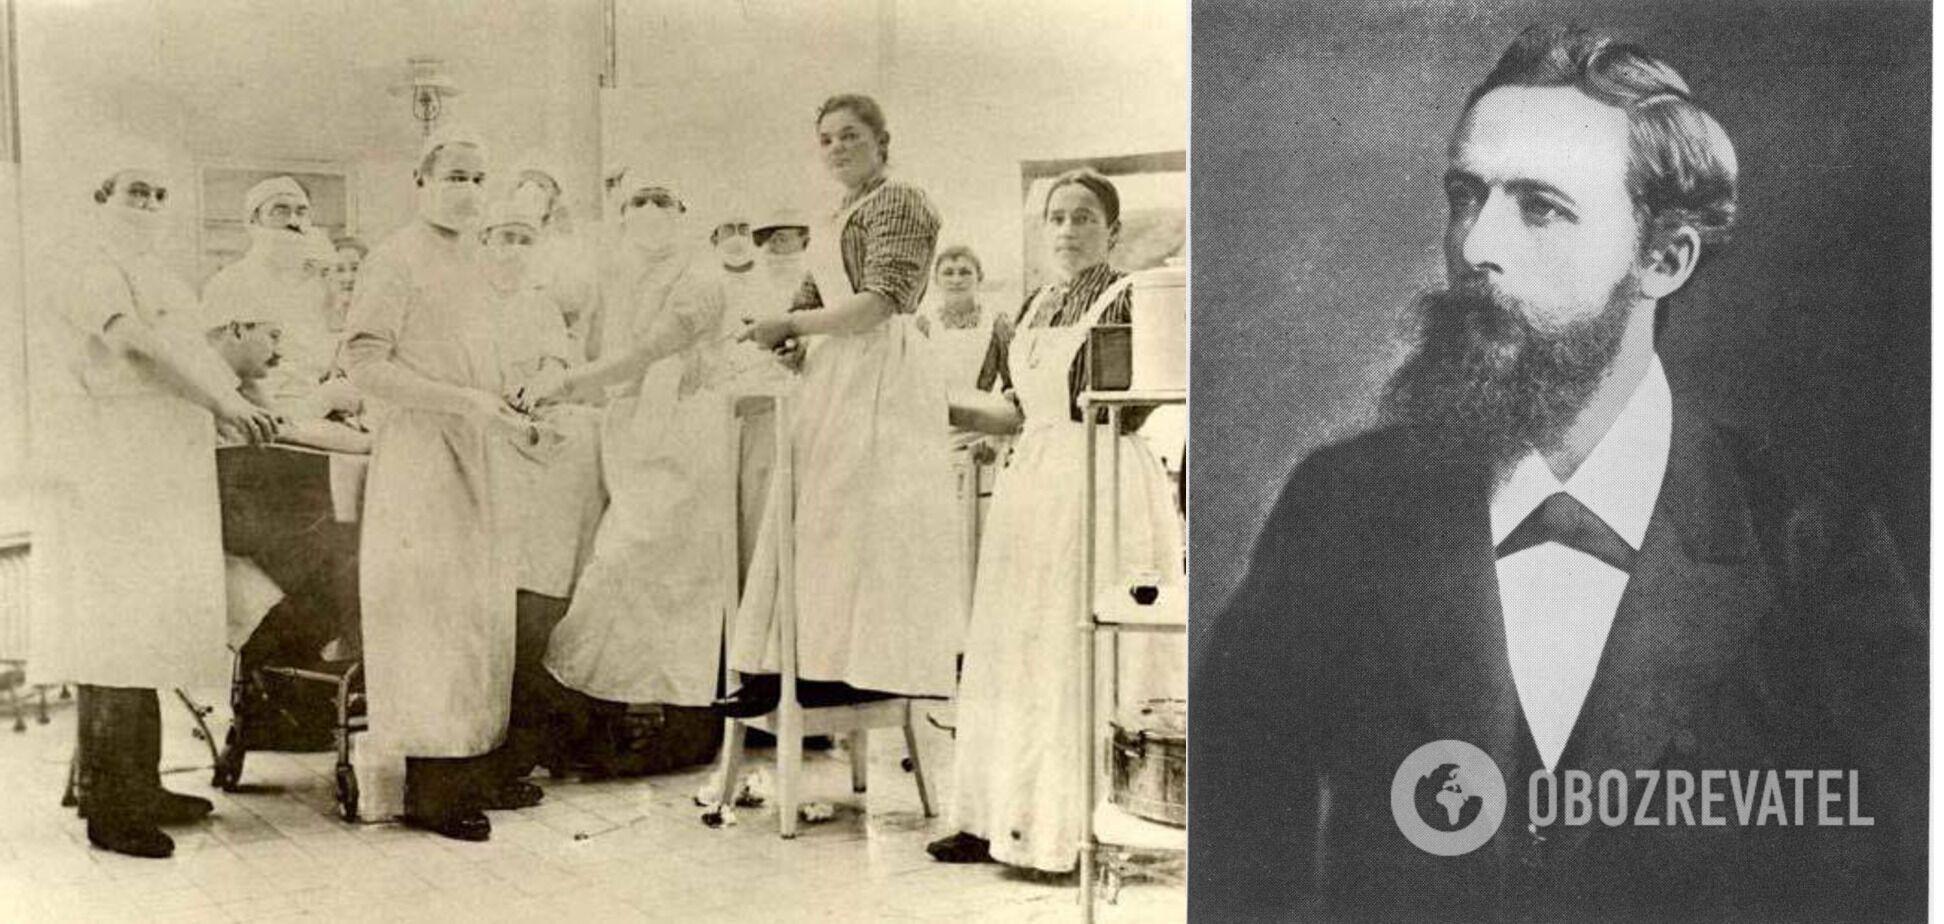 Ян Мікуліч-Радецький (у центрі) на чолі першої у світі операційної бригади, яка працювала в масках і рукавичках, 1899 рік, клініка університету Бреслау